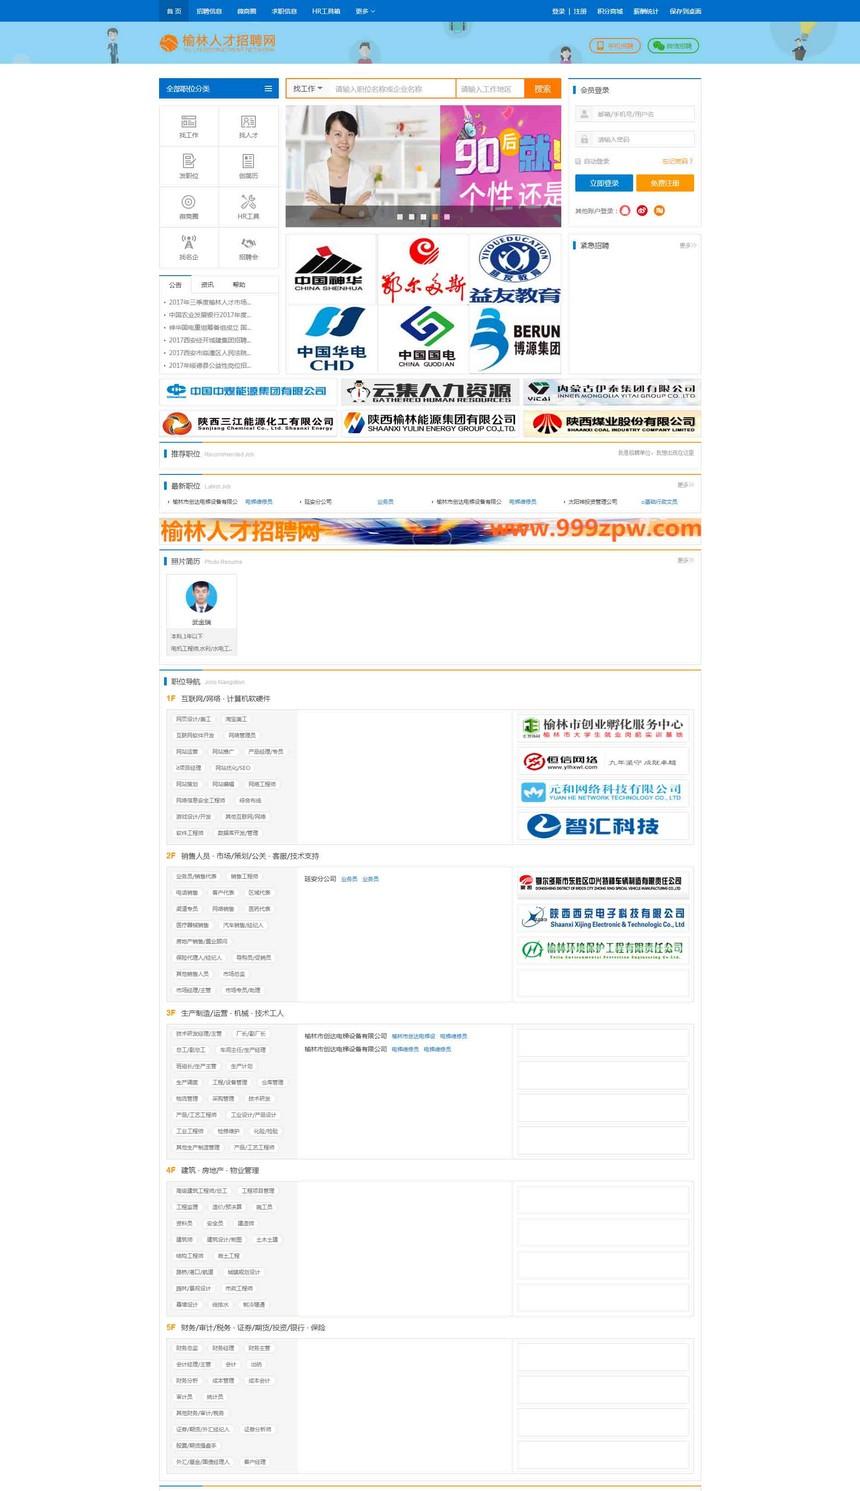 榆林人才招聘网_榆林网站优化